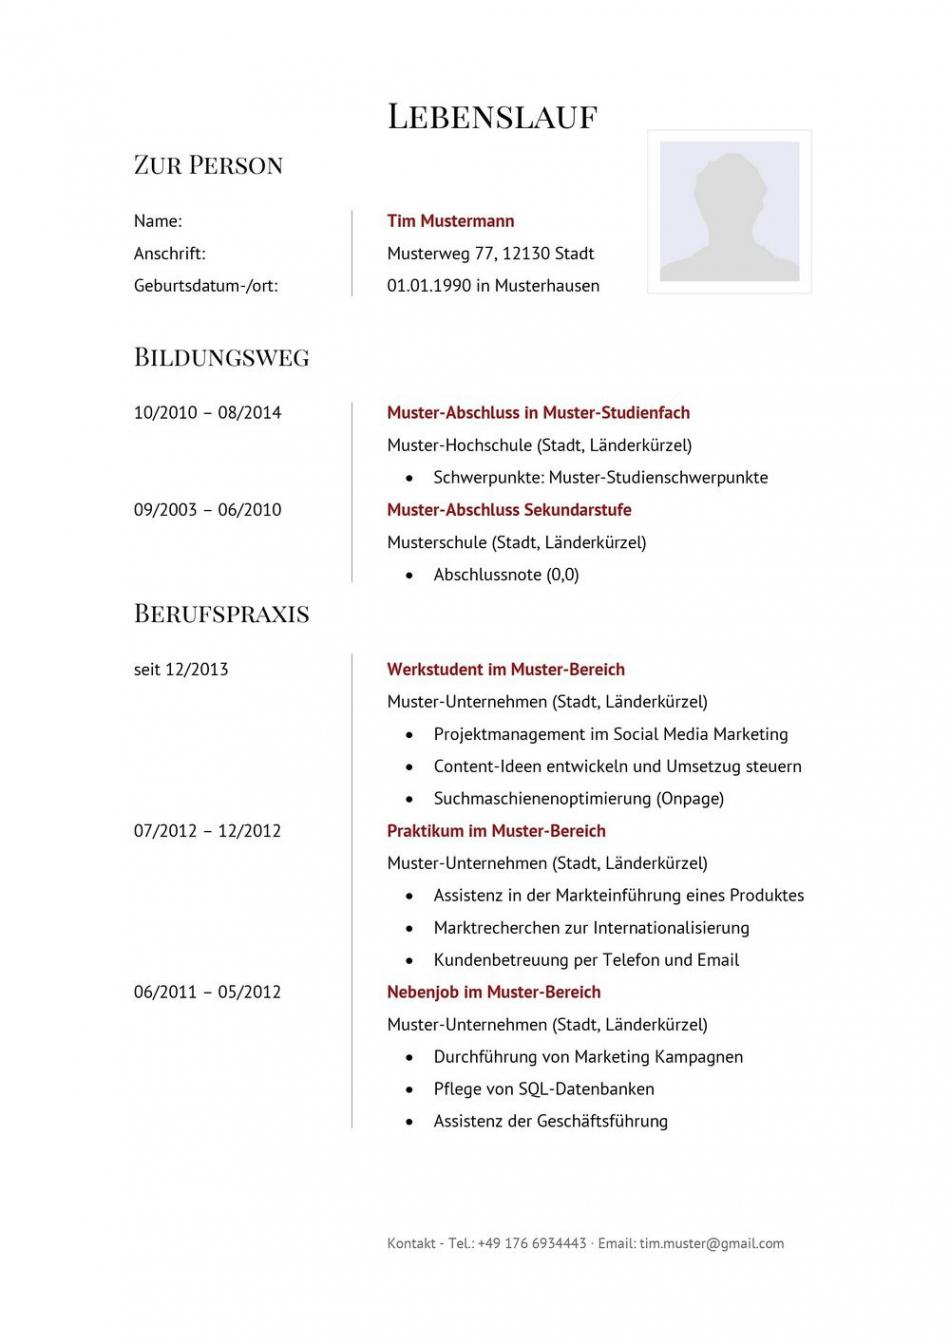 Lebenslauf Muster Für Verkäufer  Lebenslauf Designs Lebenslauf Vorlage Gestaltung